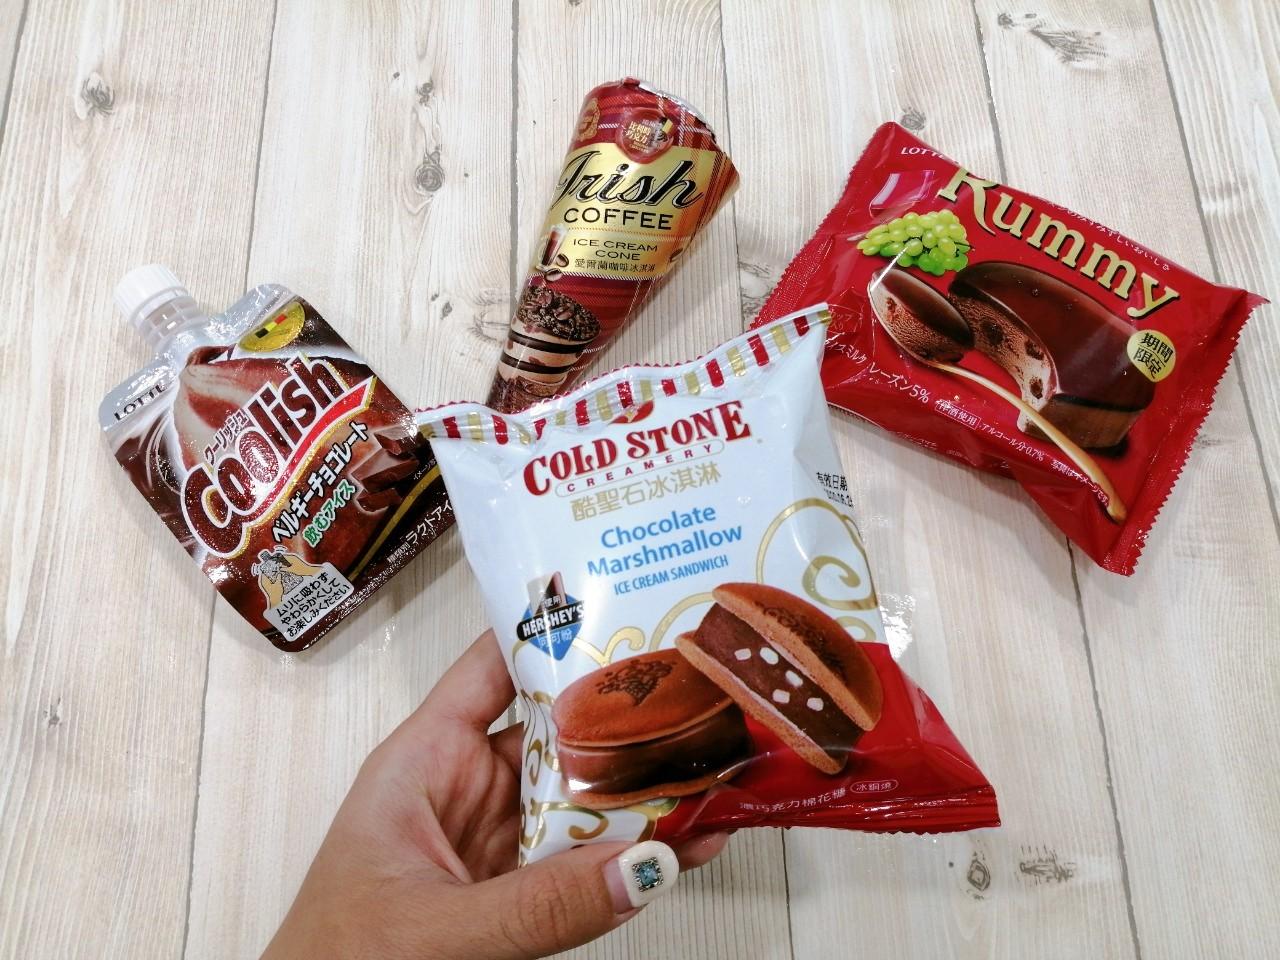 超商秋冬冰品限定發售!77乳加、蘭姆酒葡萄乾巧克力冰淇淋強勢出擊 | 超商、冰品、霜淇淋、冰棒、巧克力 ...